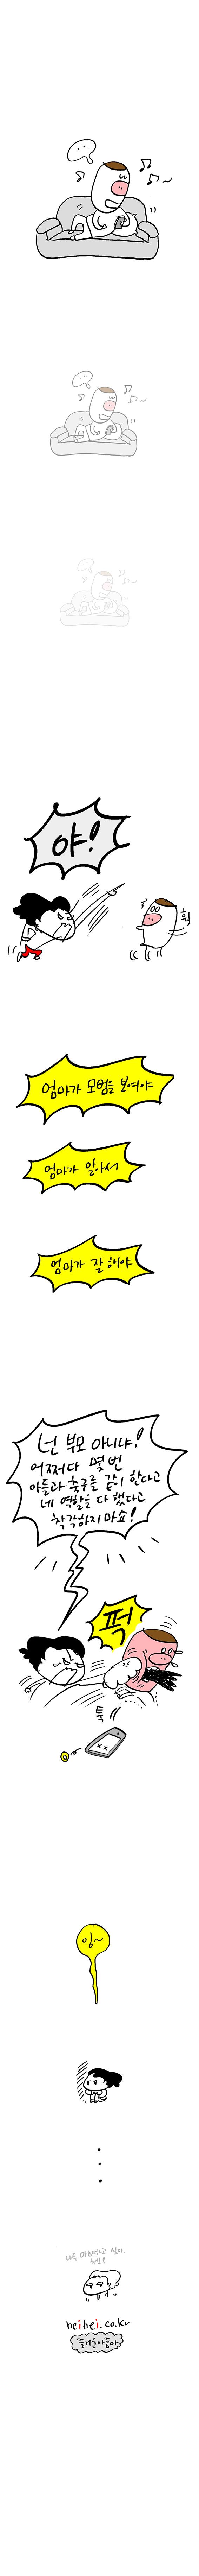 육아카툰웹툰엄마가알아서2.jpg